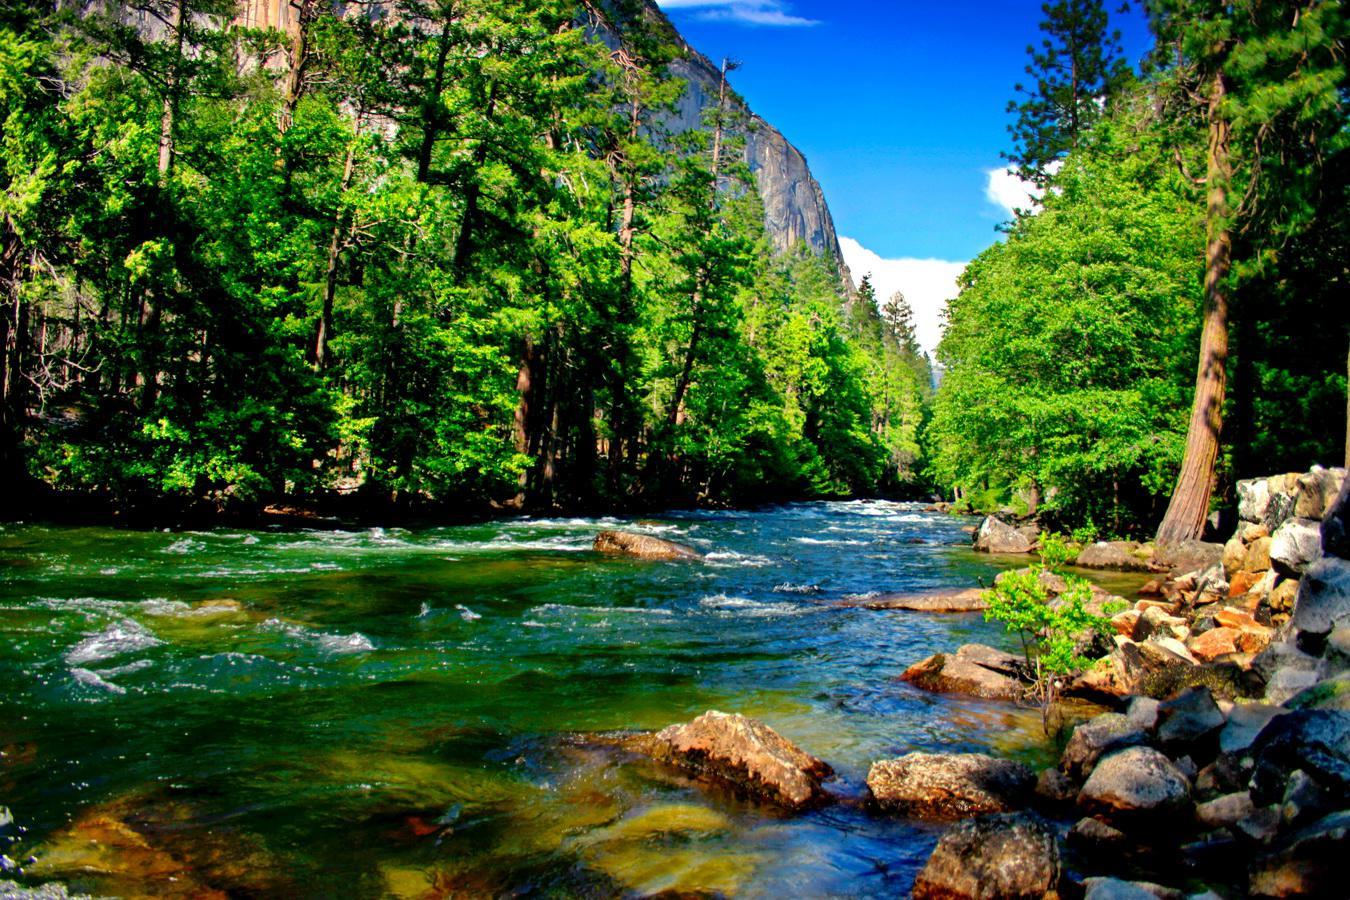 Mountain River Wallpaper Wallpapersafari HD Wallpapers Download Free Images Wallpaper [1000image.com]